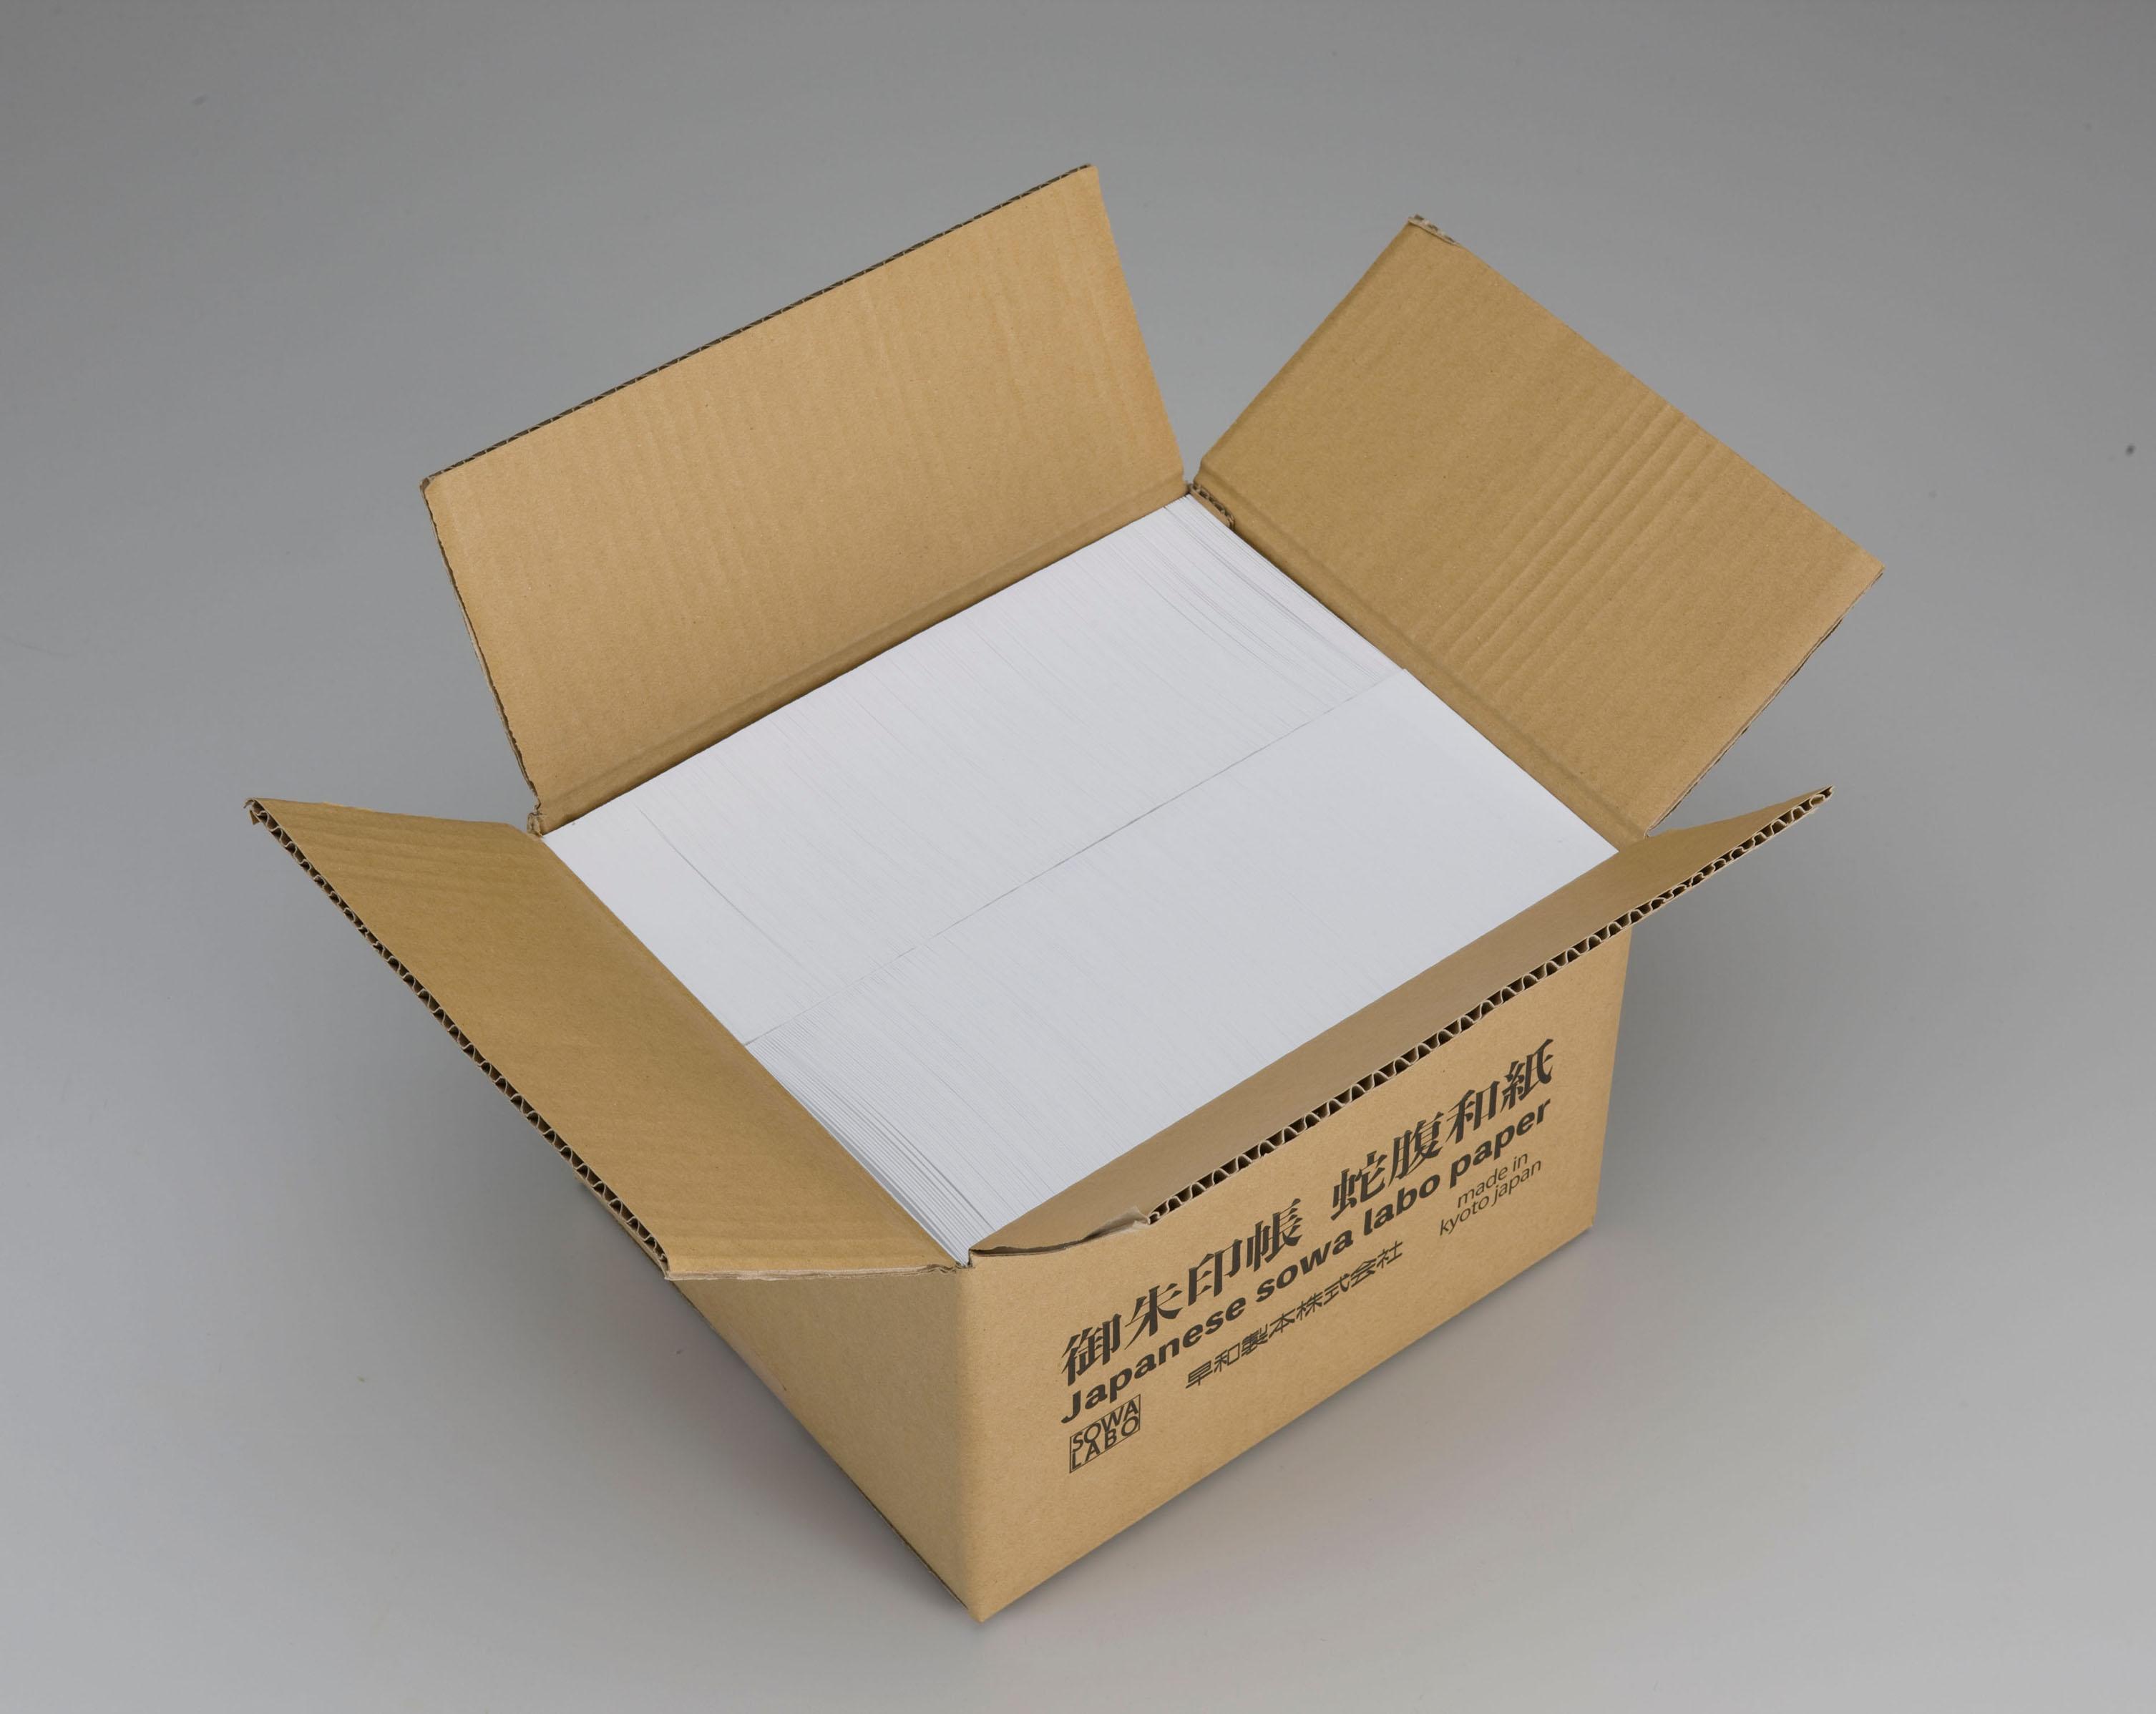 御朱印帳50冊分相当の用紙が箱詰されて納品される